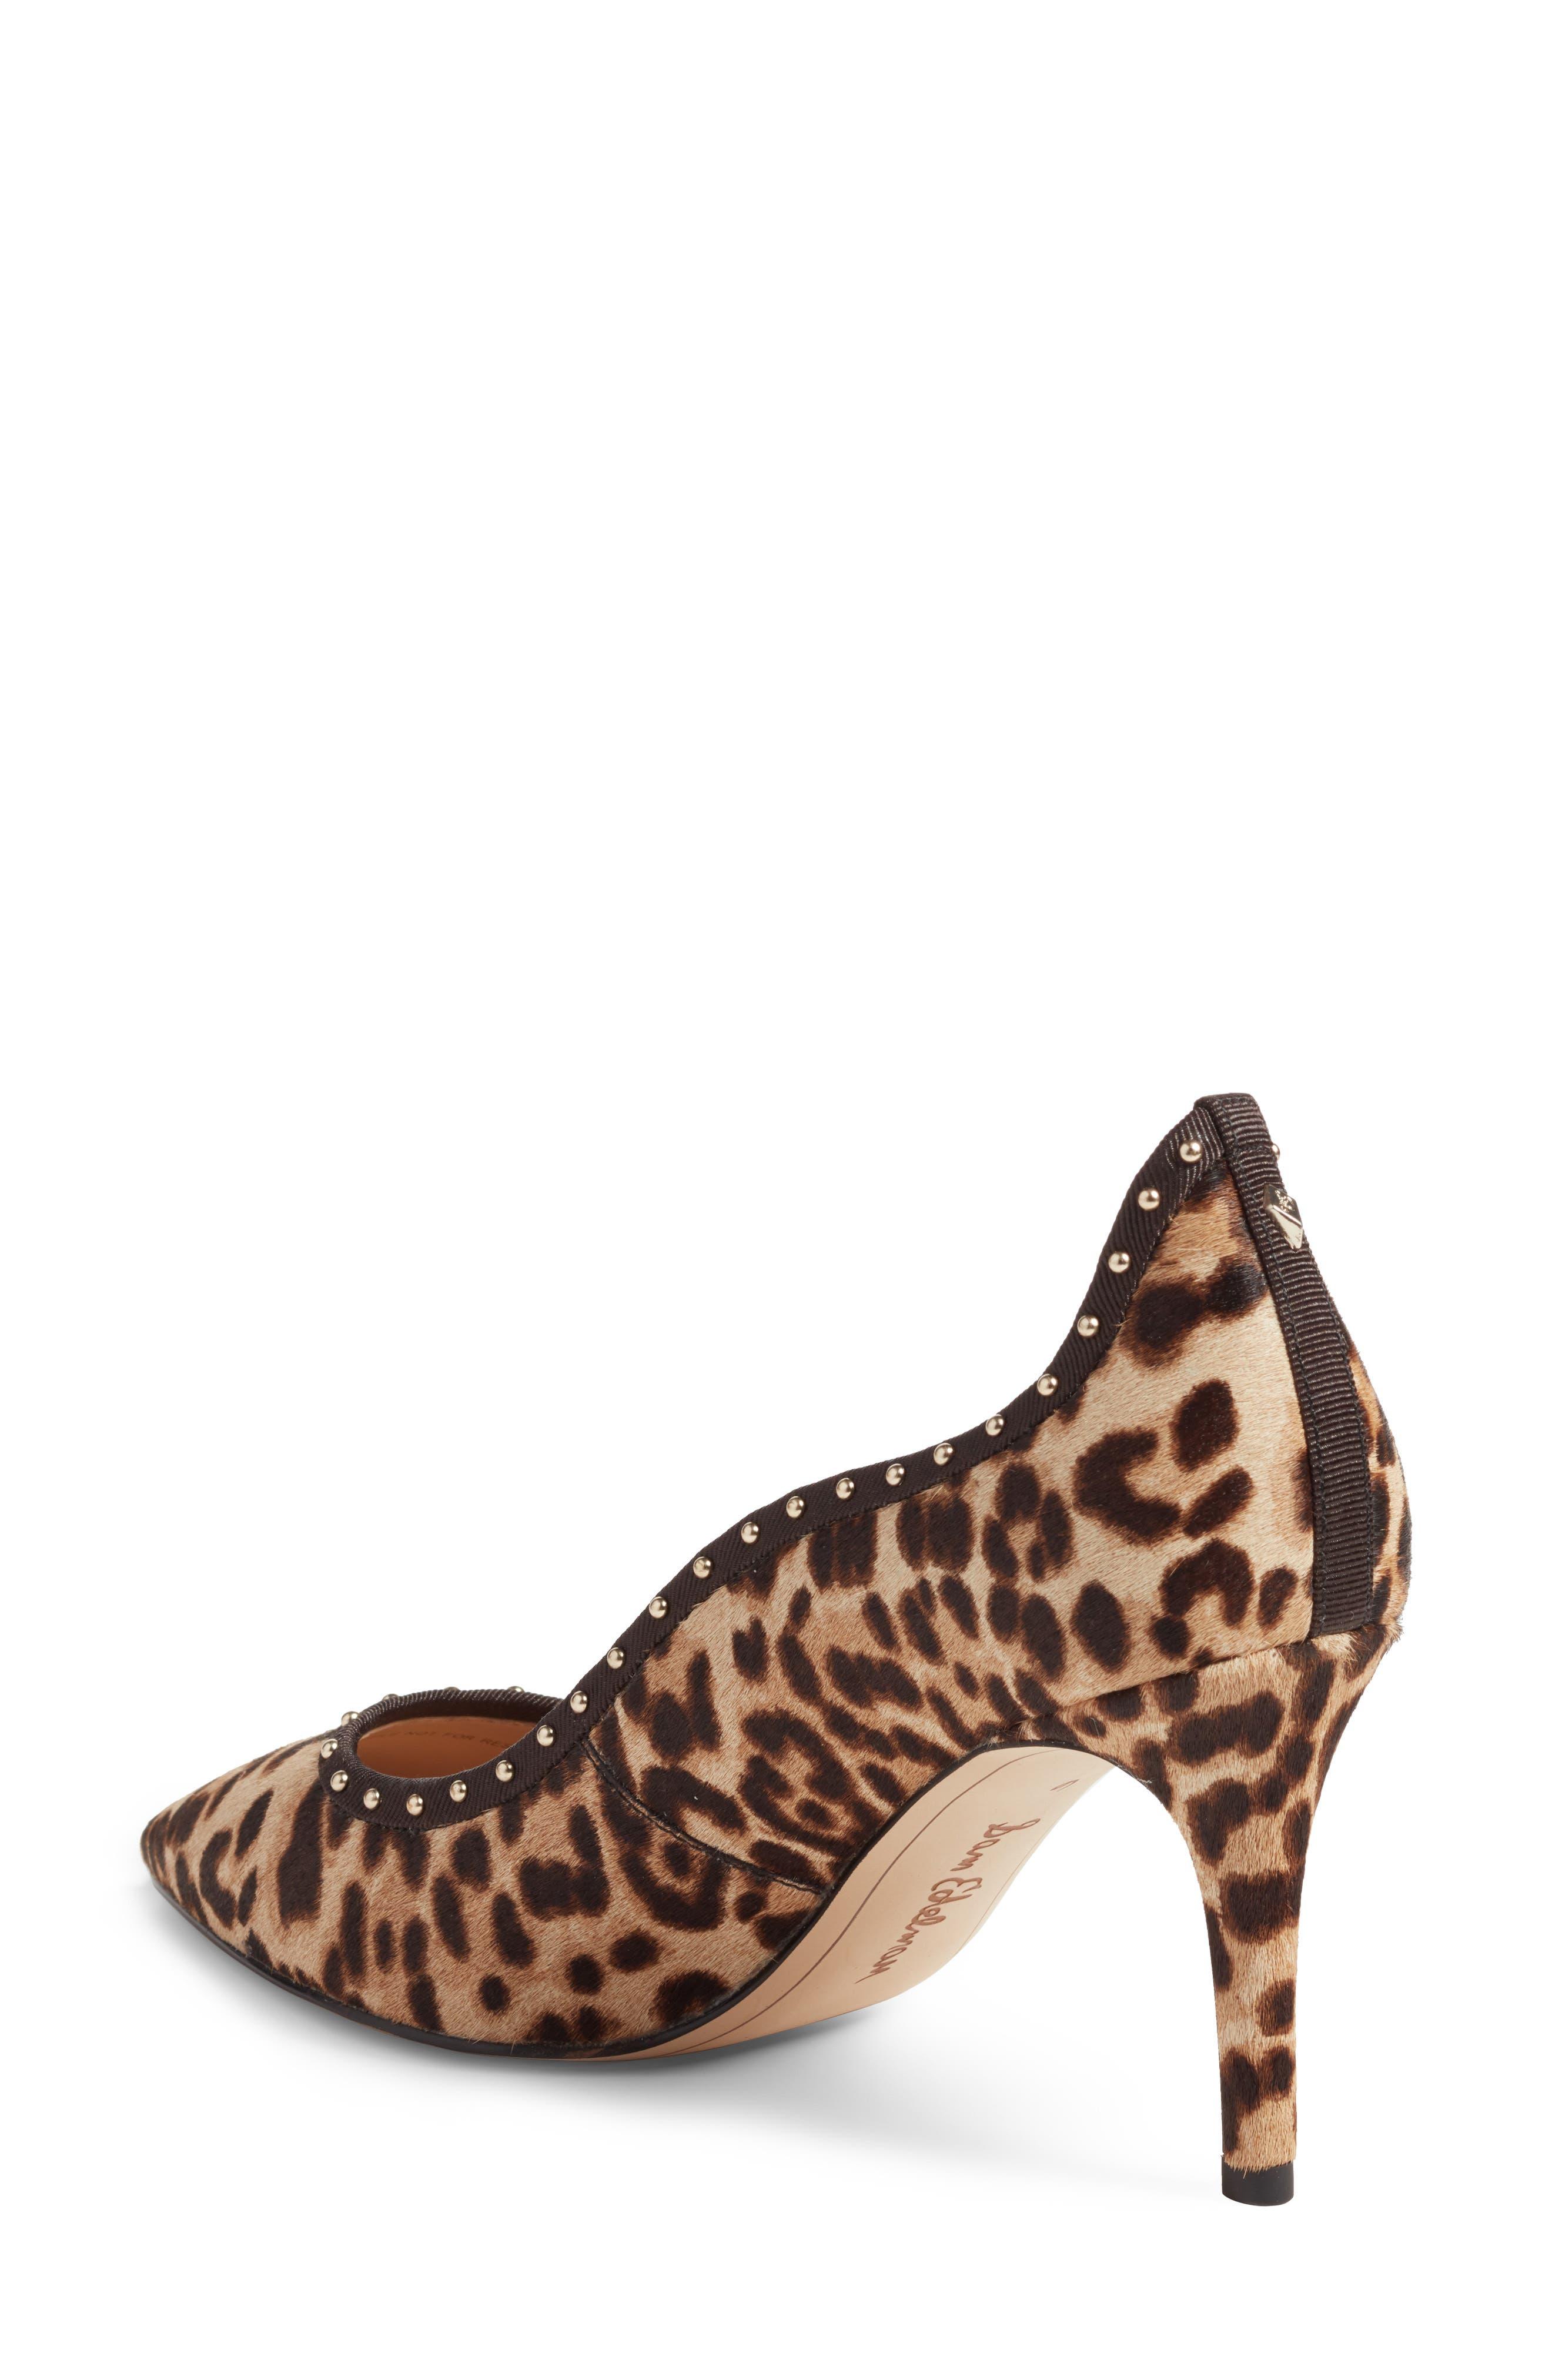 Tiana Genuine Calf Hair Pump,                             Alternate thumbnail 2, color,                             Leopard Print Calf Hair